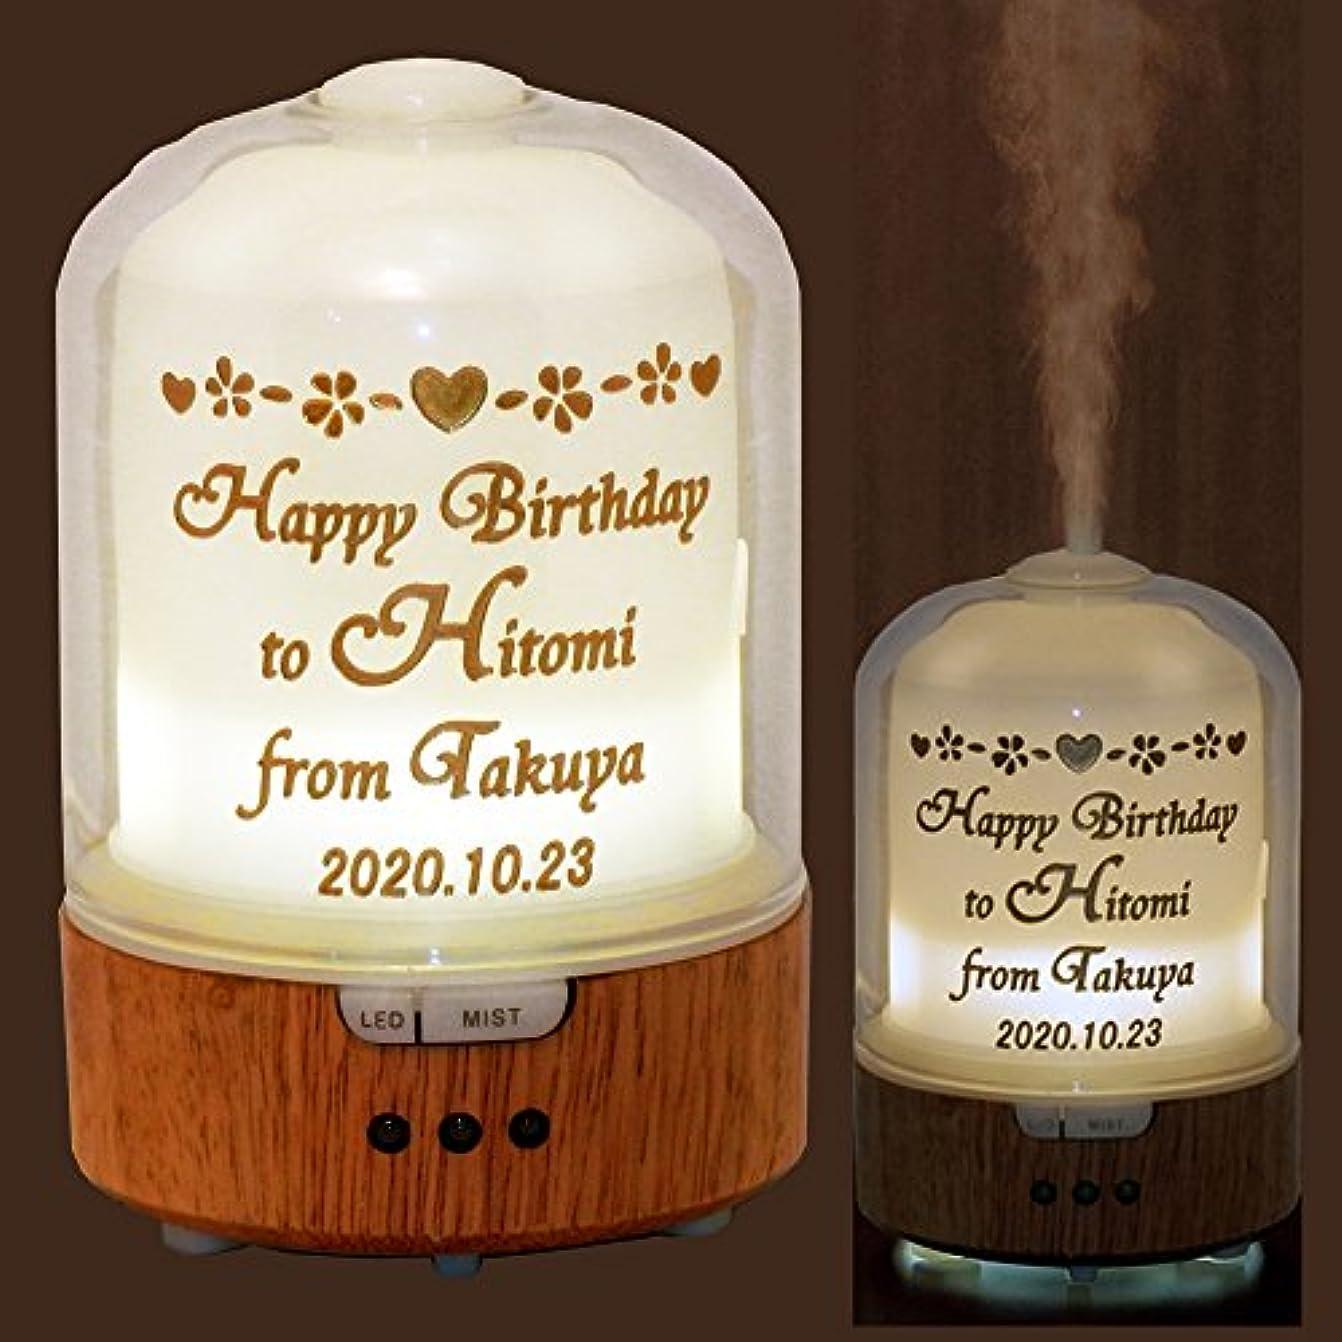 注文拍車帰る名入れ 名前 アロマディフューザー 加湿器 超音波式 還暦 誕生日 母の日 女性プレゼント